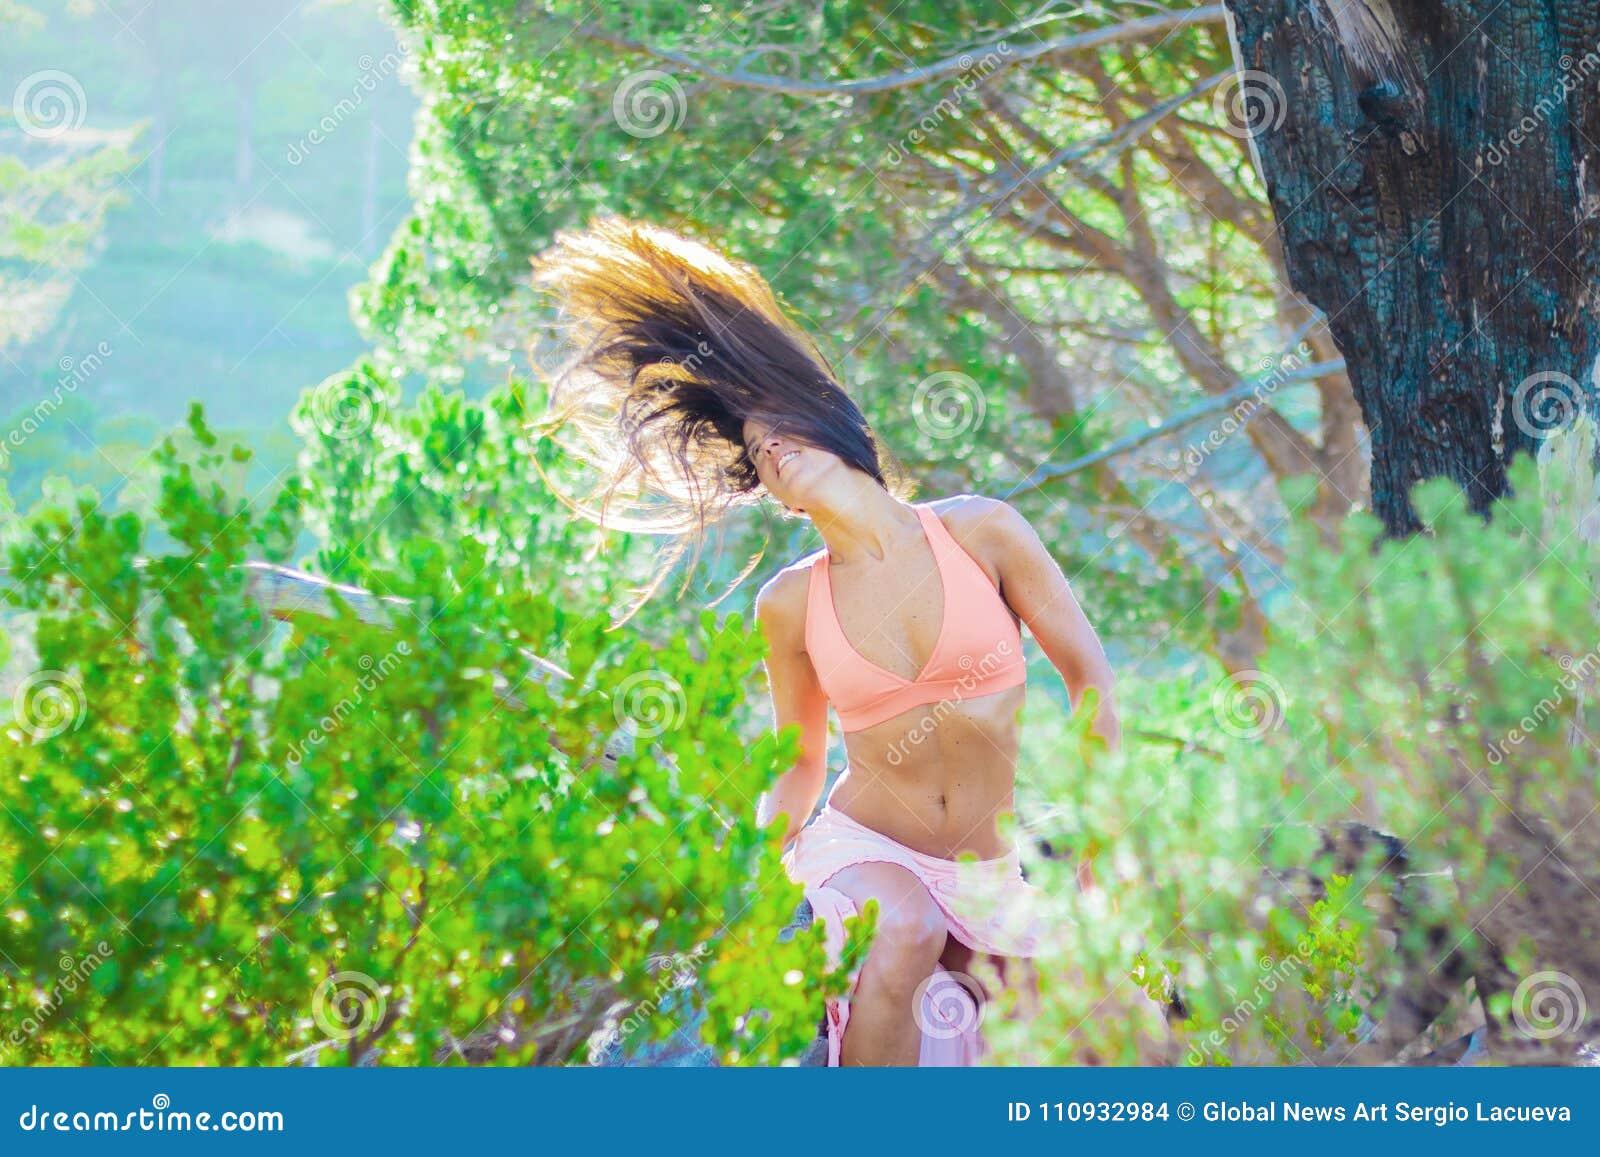 Vrouwenzitting in een bos die haar haar met bomen op de achtergrond flicking